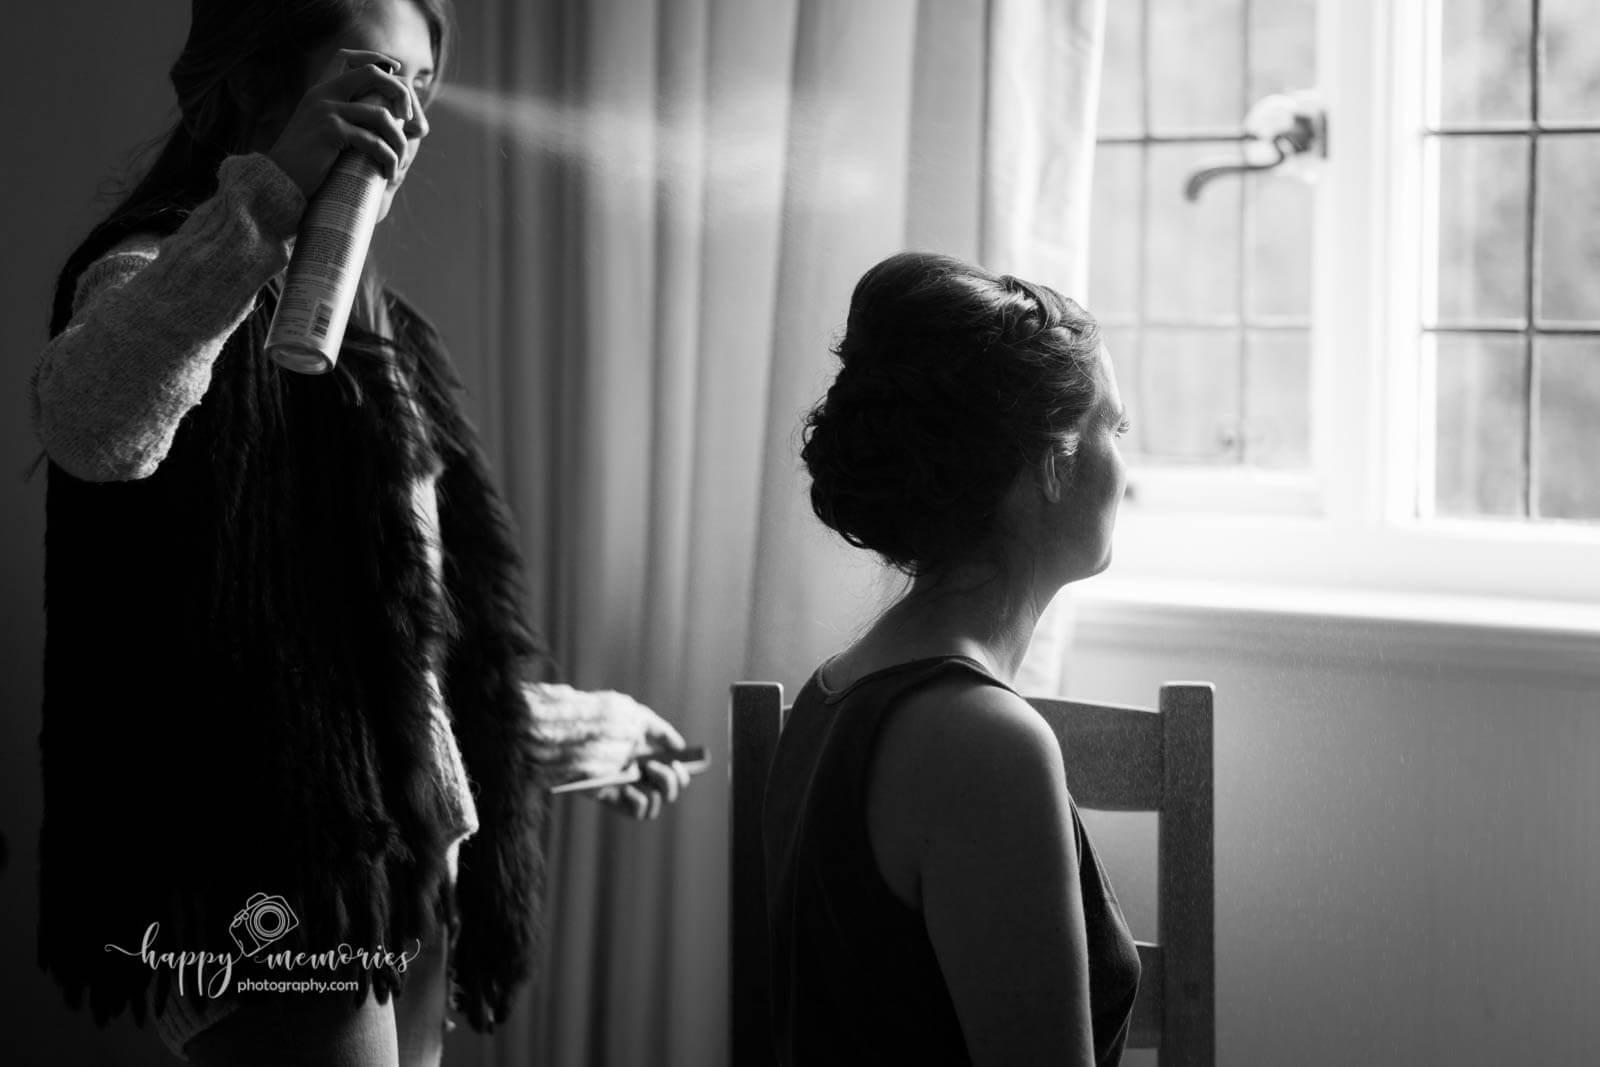 Wedding photographer Crawley-13